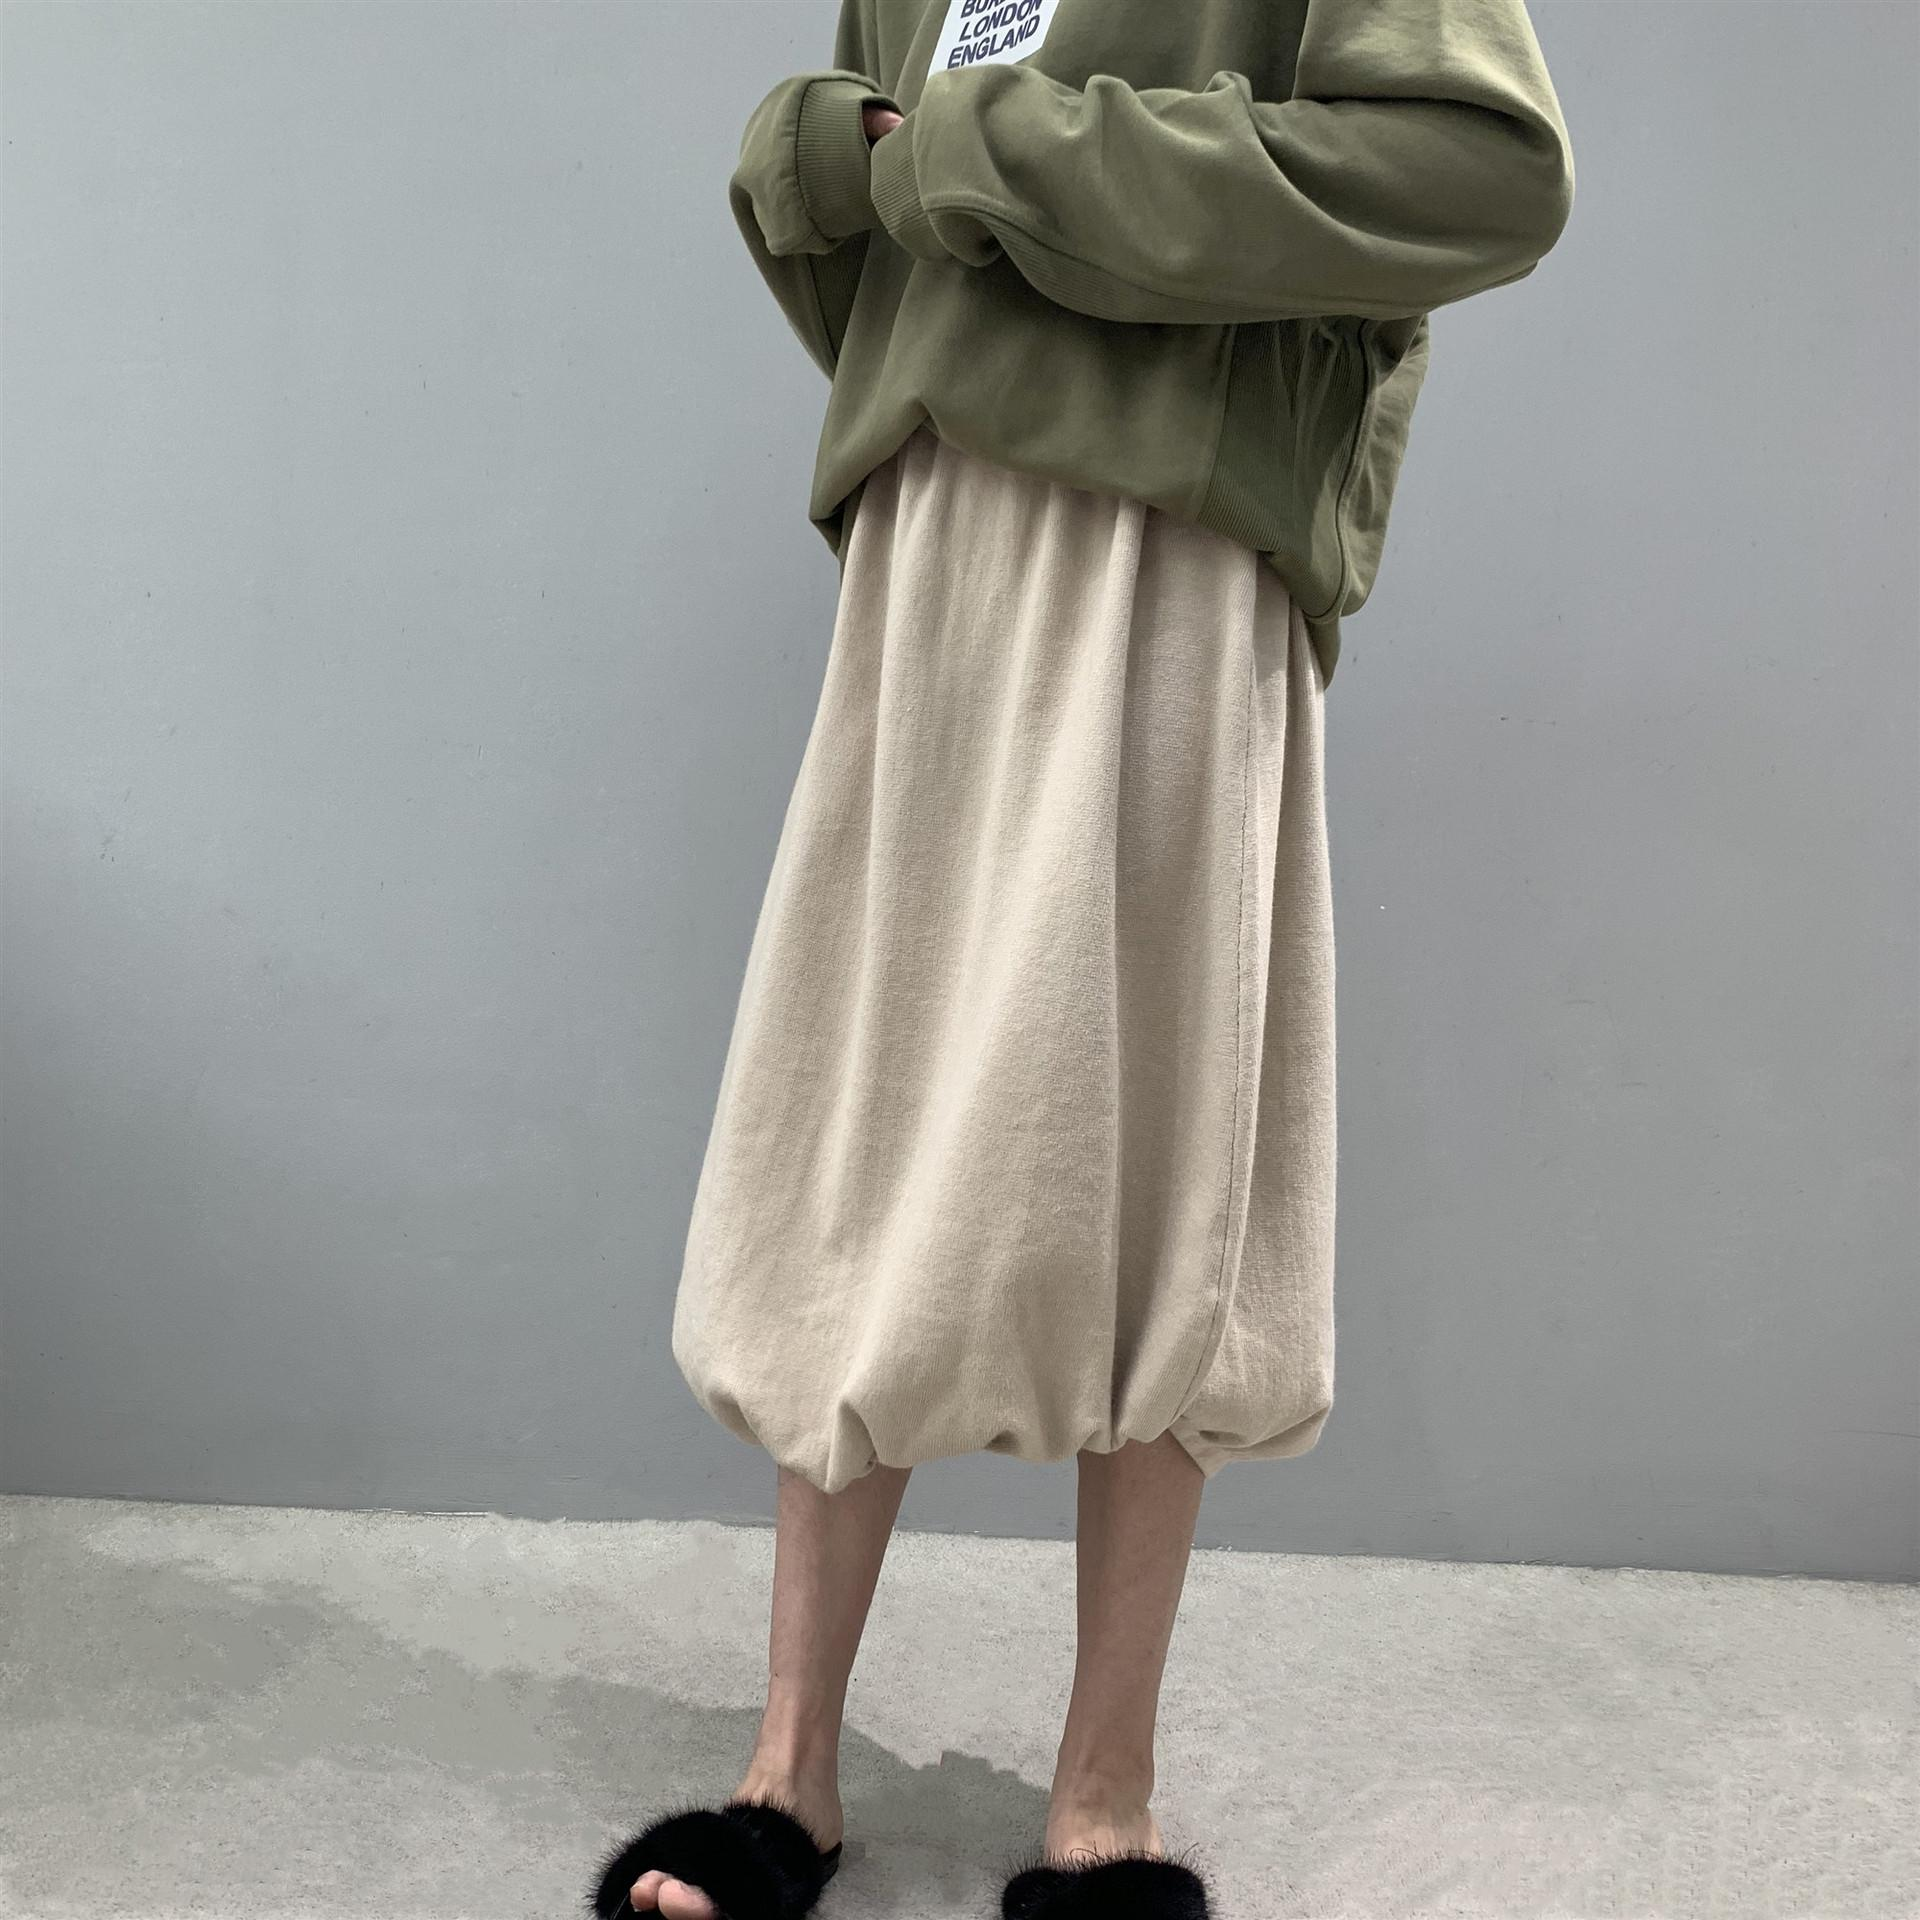 Jia Zhi 8-6625 otoño y el invierno 2020 el perfil de punto de calabaza calabaza mullido esponjoso Pengpeng nicho de falda falda adelgazamiento Pengpeng CsVXw CsVXw